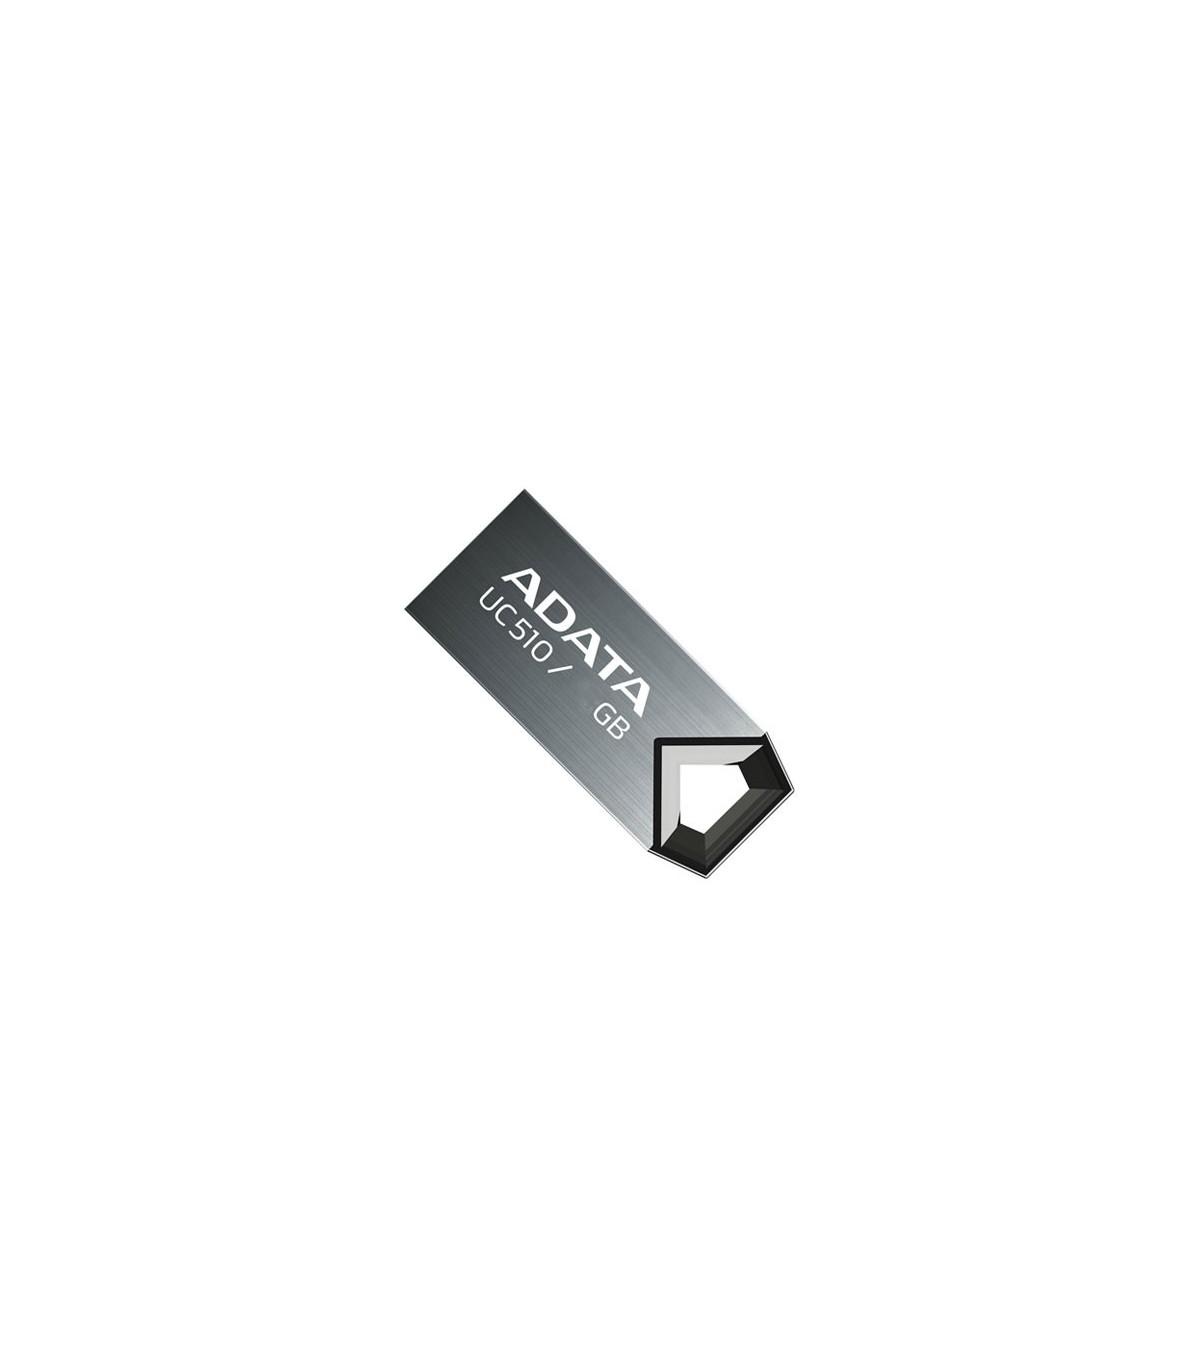 فلش مموری ای دیتا 64 گیگابایت 2.0 DashDrive Choice UC510 USB